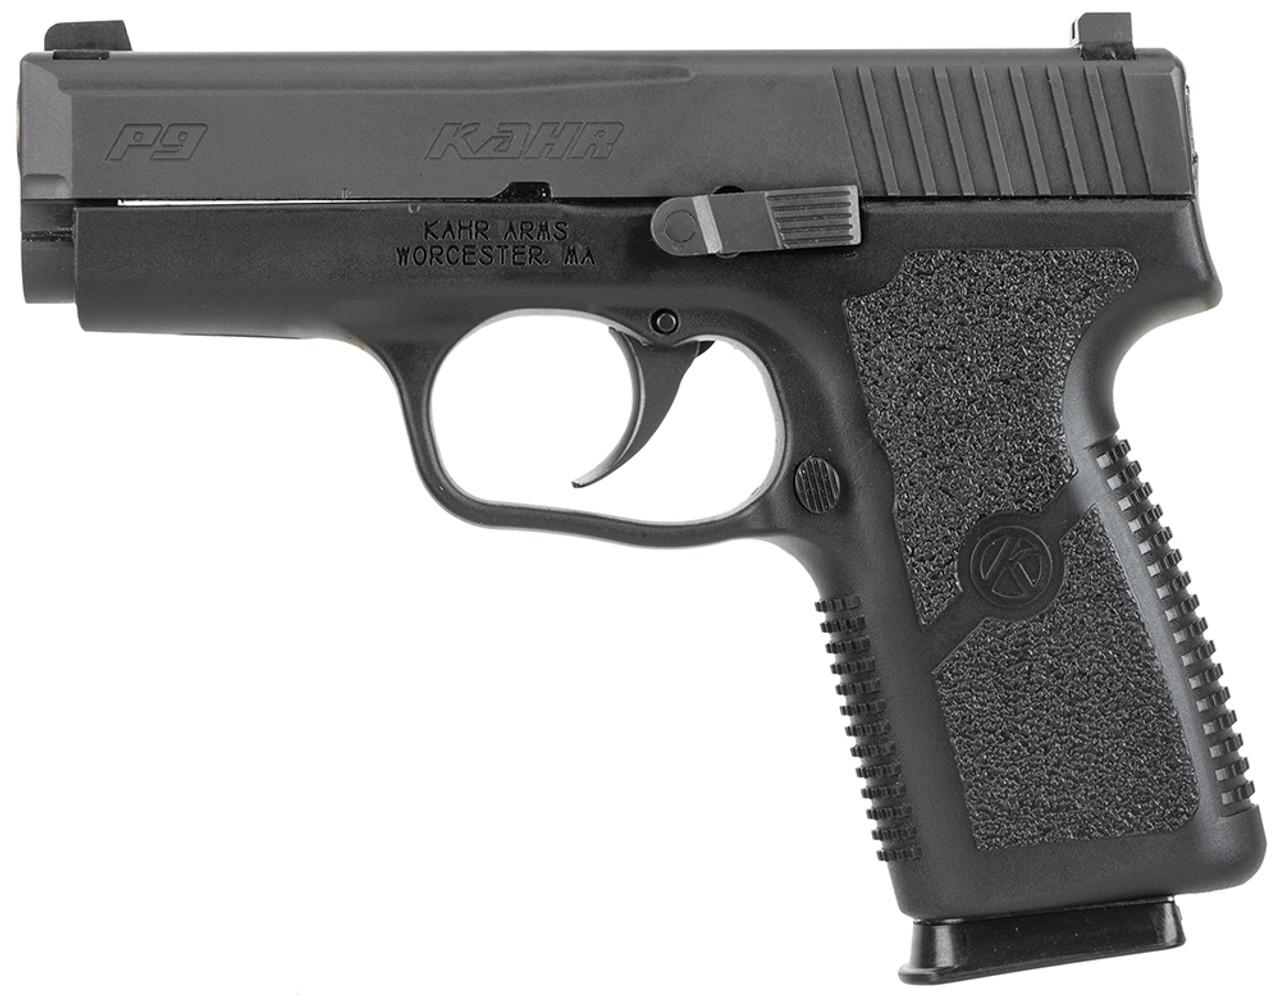 KAHR P9 CALIFORNIA LEGAL - 9mm